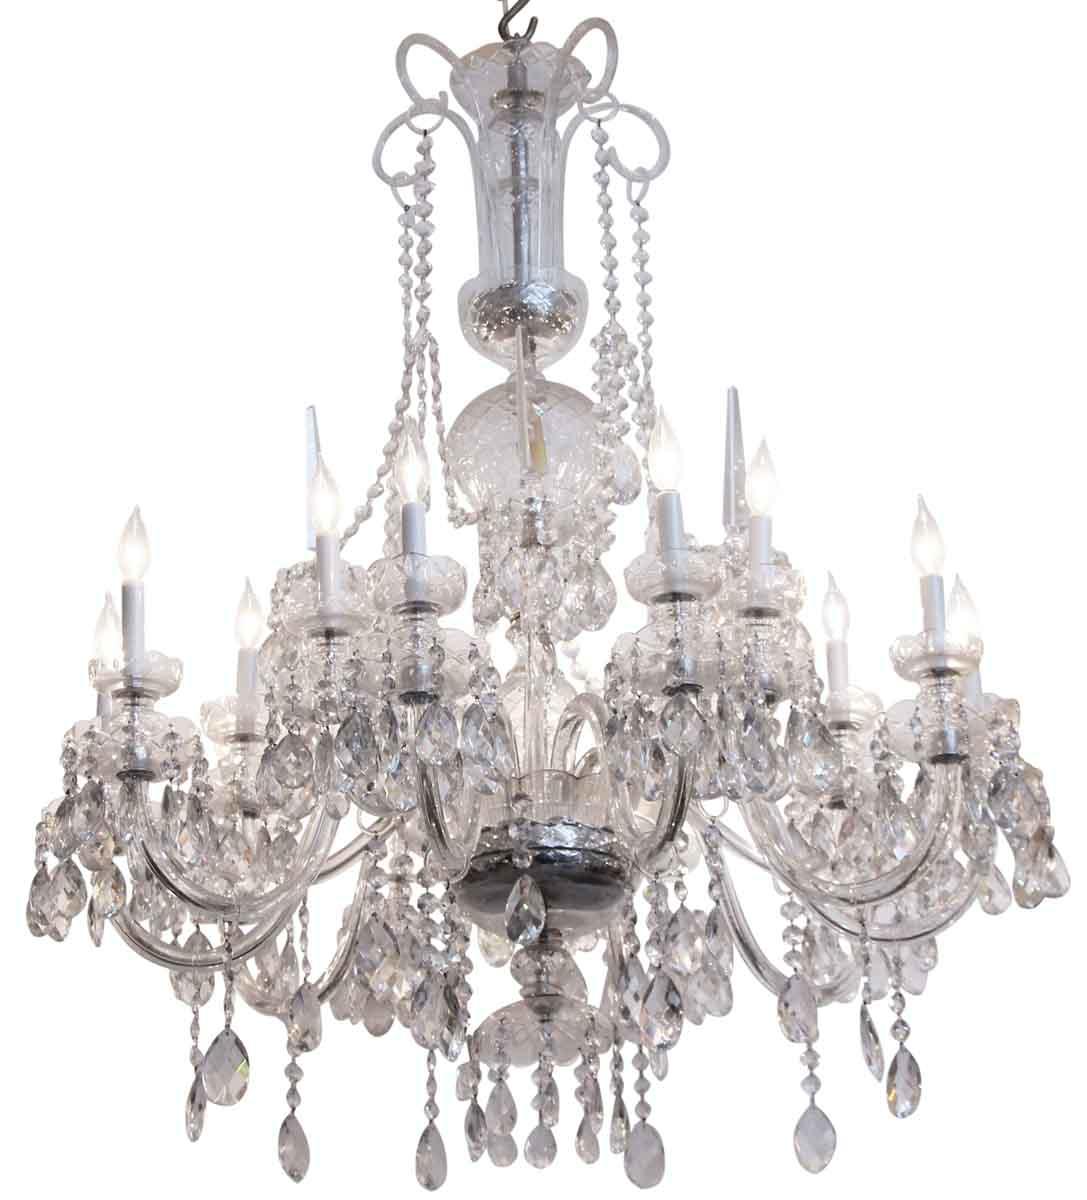 Grand Ballroom Elegant Waterford Crystal Chandelier Olde Good Things